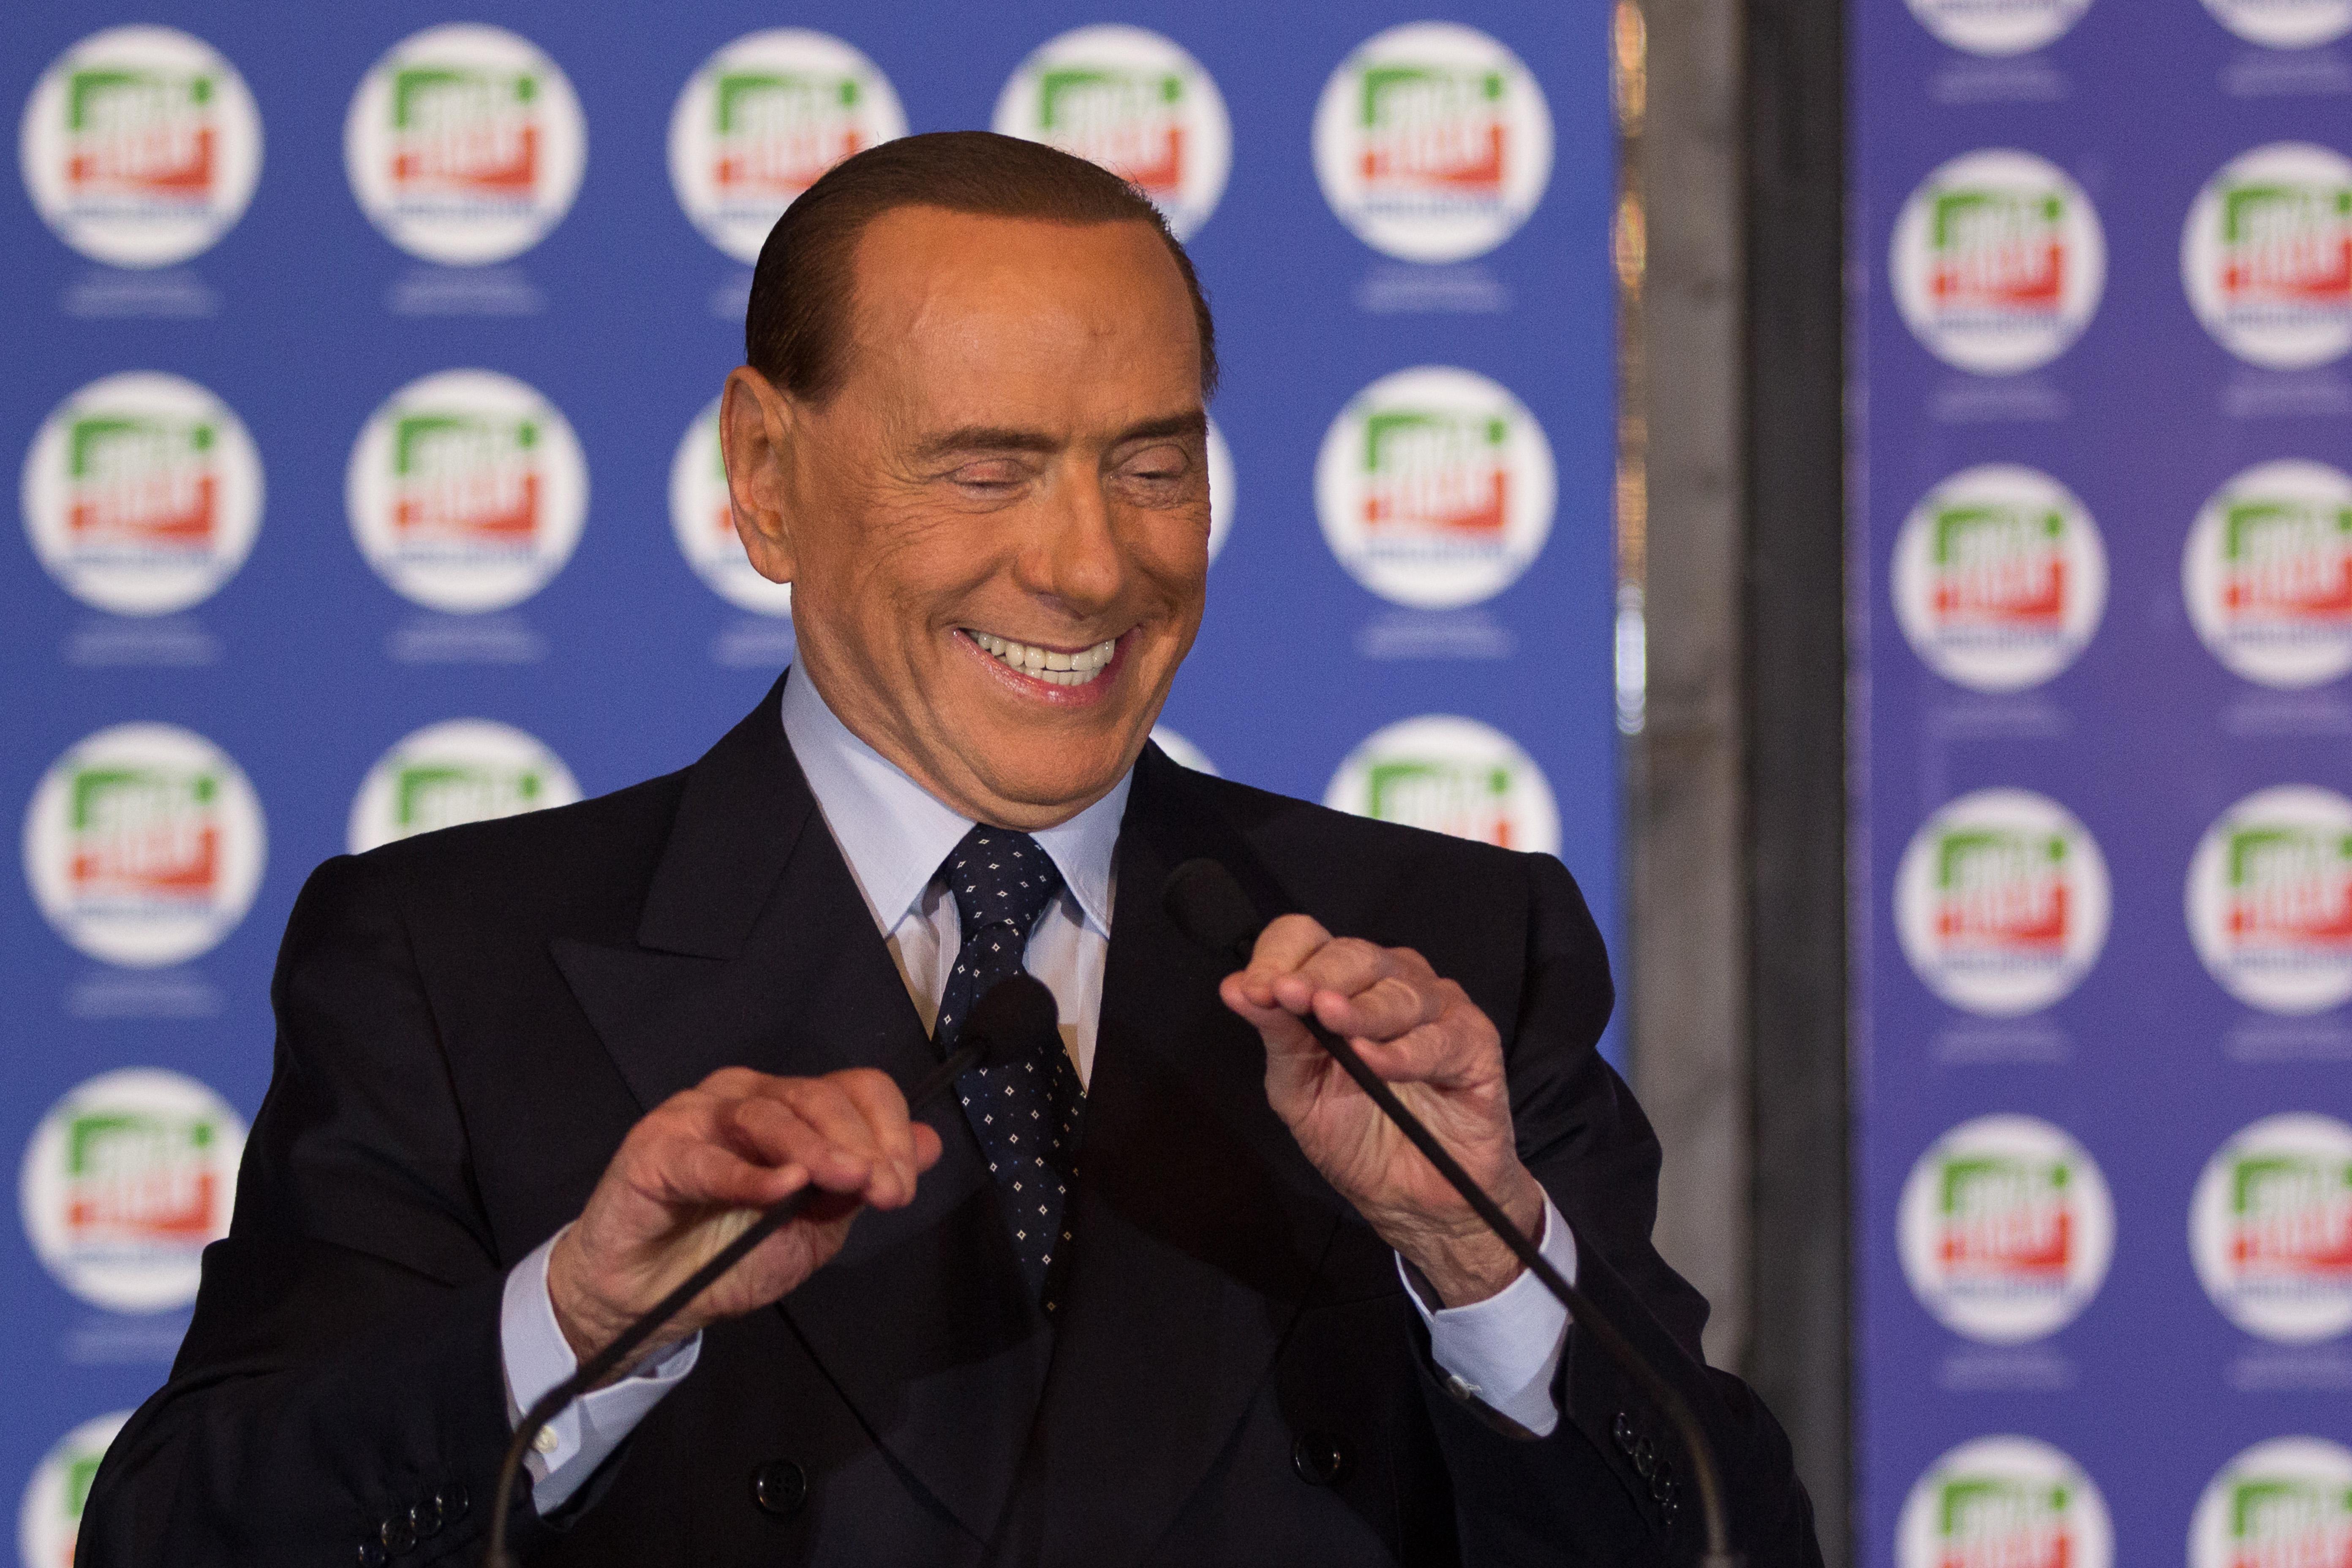 Berlusconi az emberi jogi bírósághoz fordul, hogy újra indulhasson a választásokon